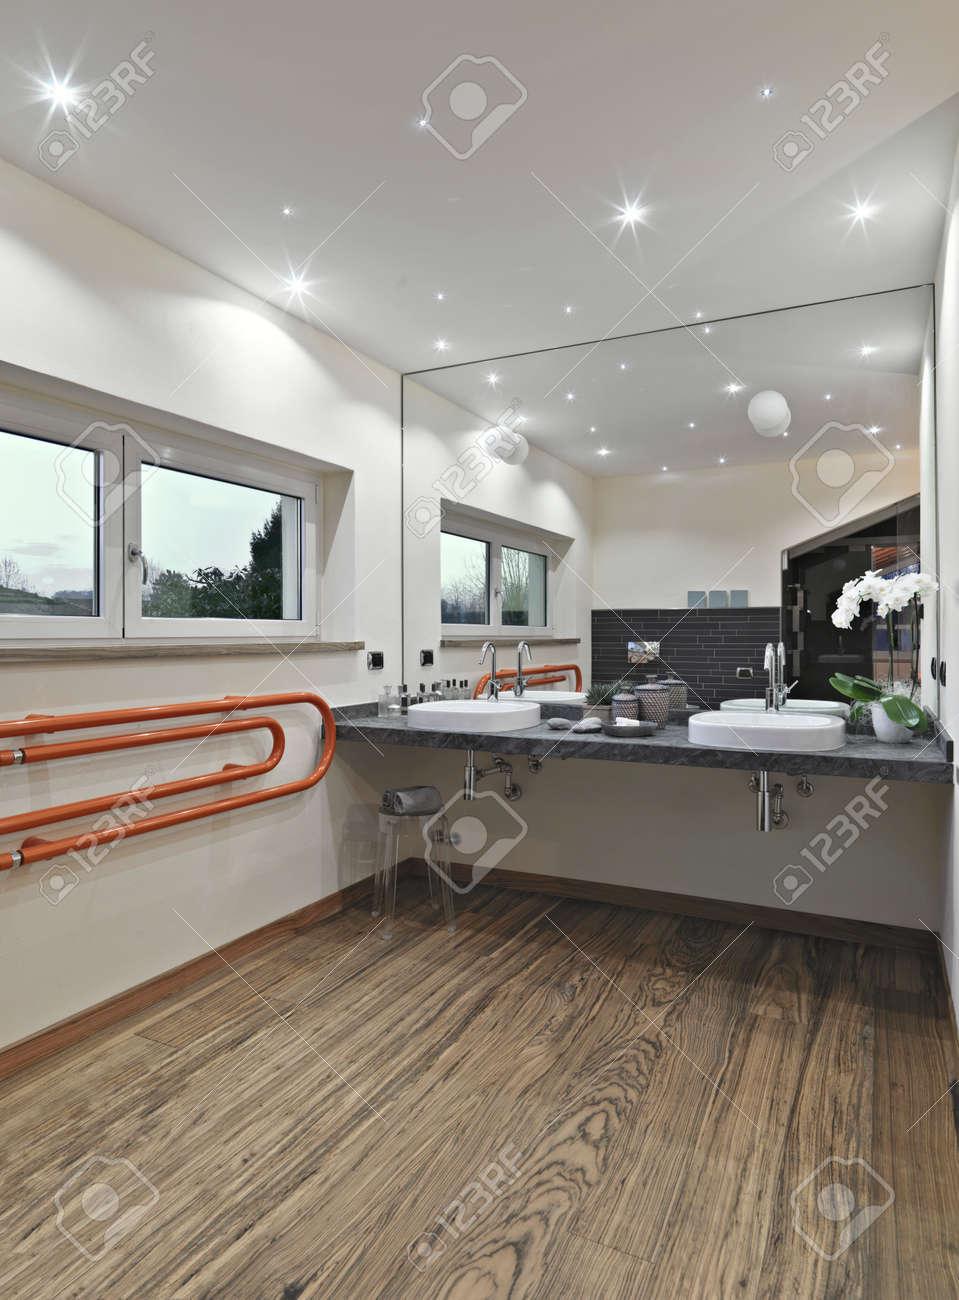 bagno moderno in mansarda con pavimento in legno foto royalty free ... - Bagni Moderni Legno